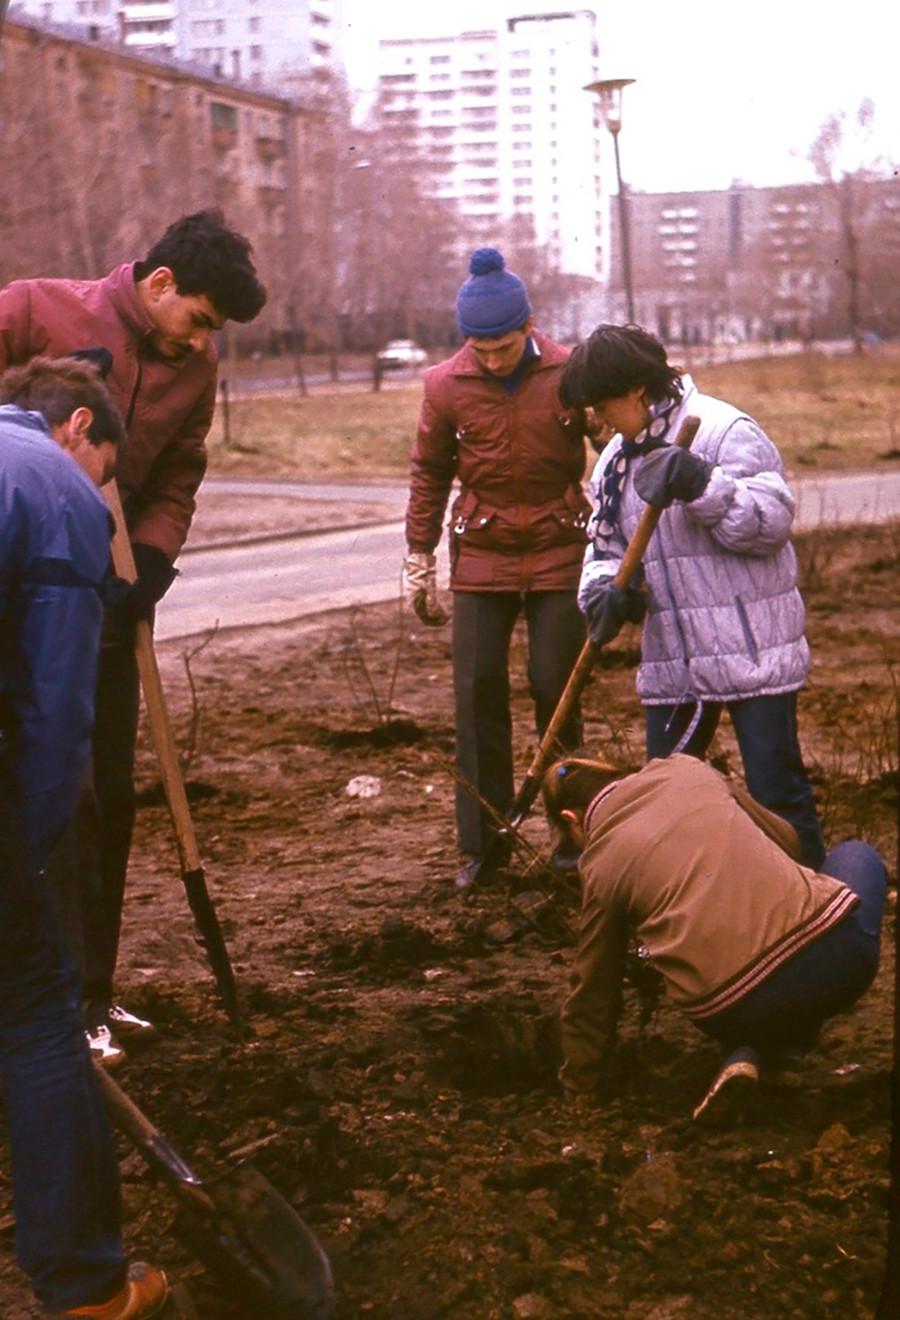 Étudiants de l'Université d'État de Moscou plantant des arbres près de leur résidence universitaire, 1984